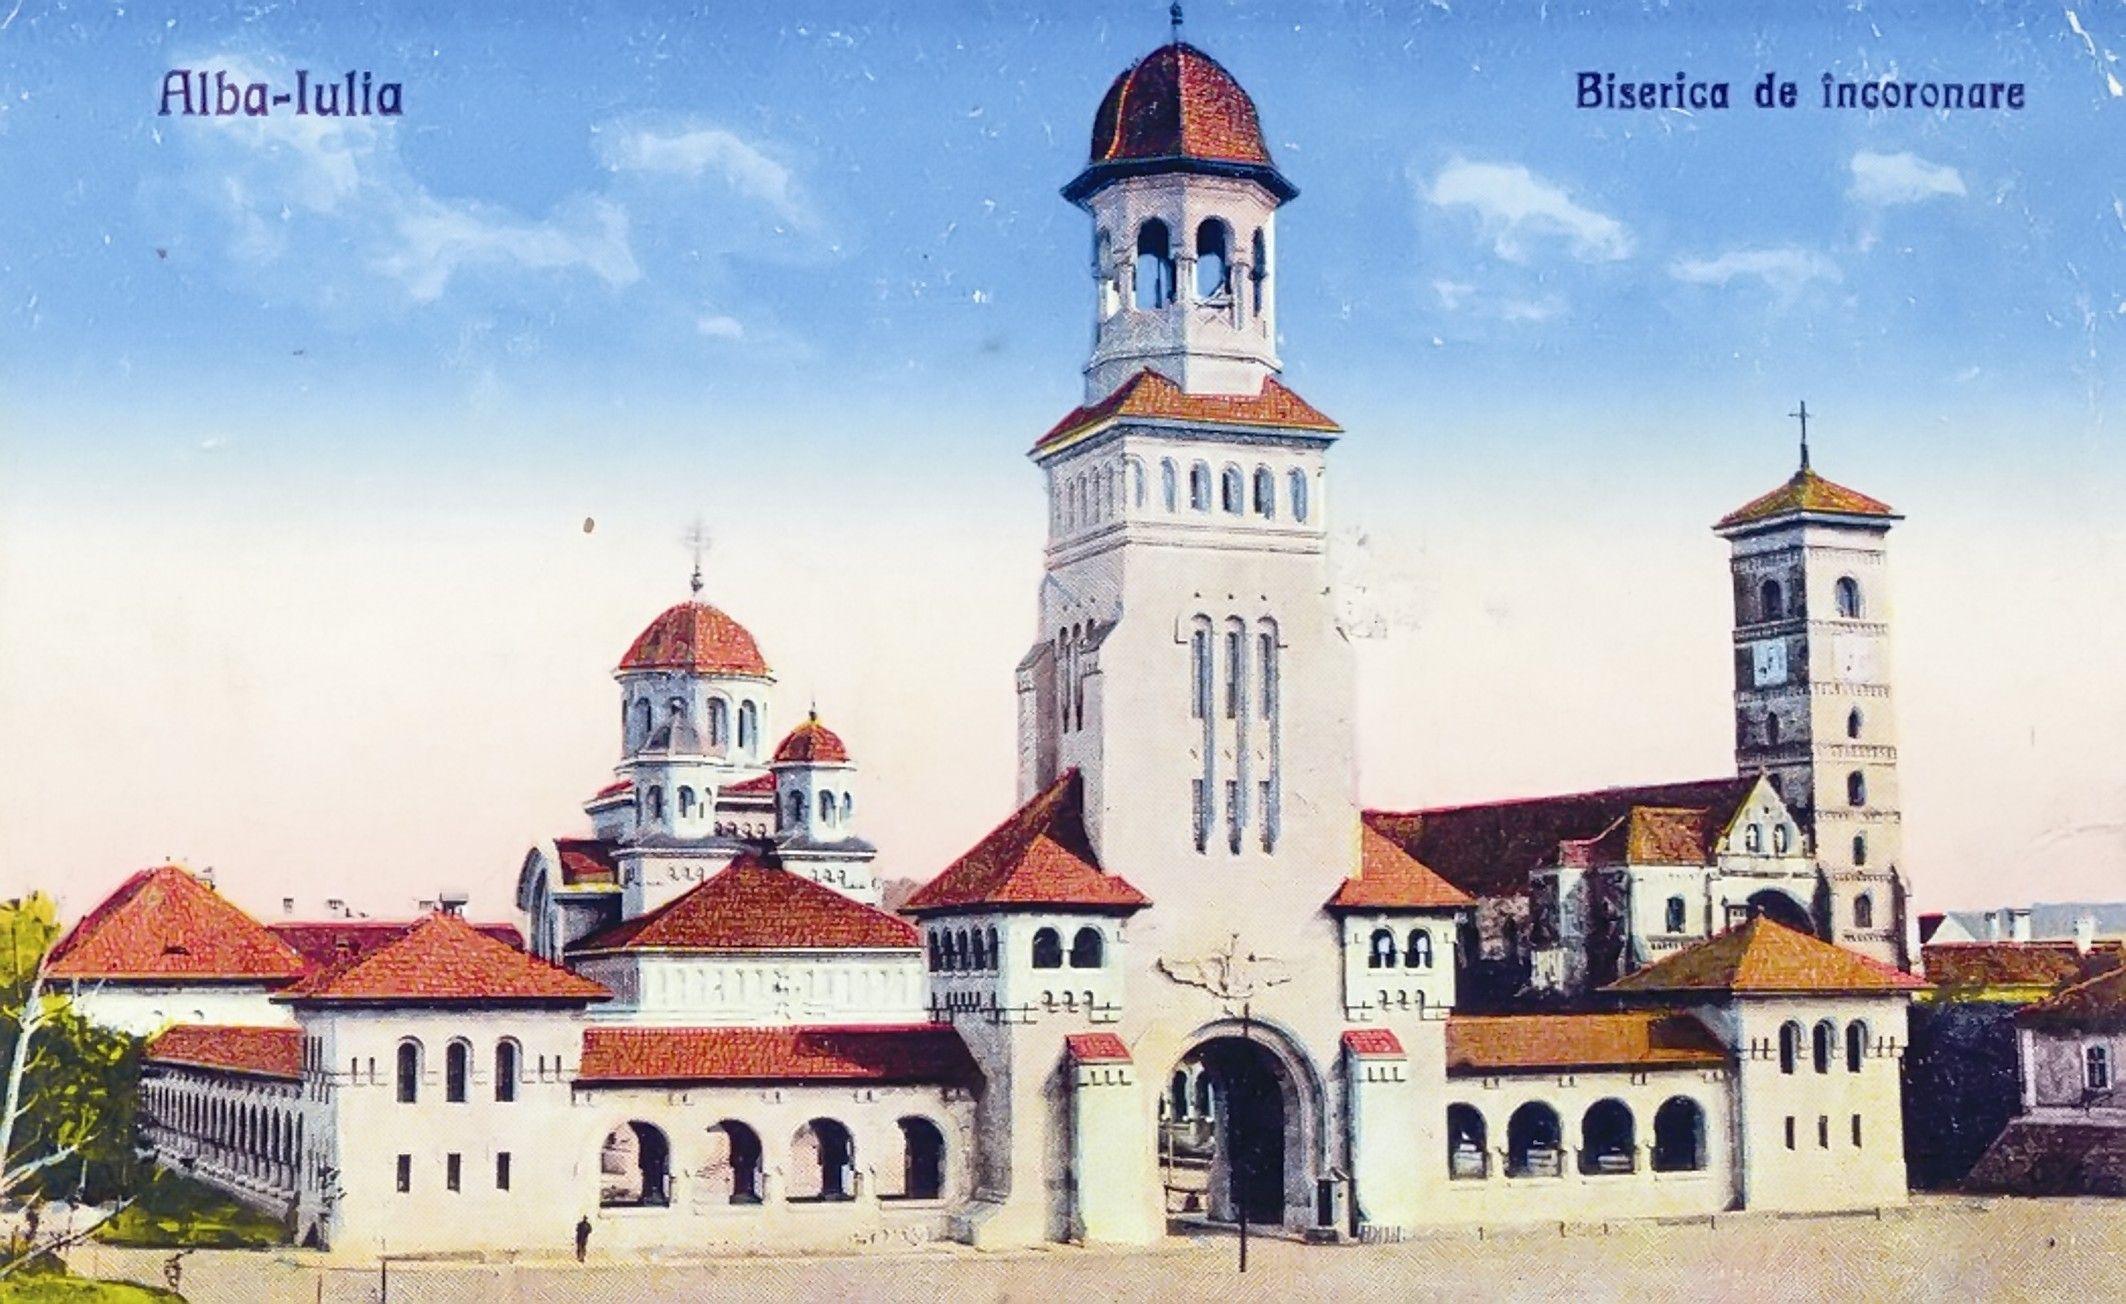 Catedrala Încoronării, Alba Iulia